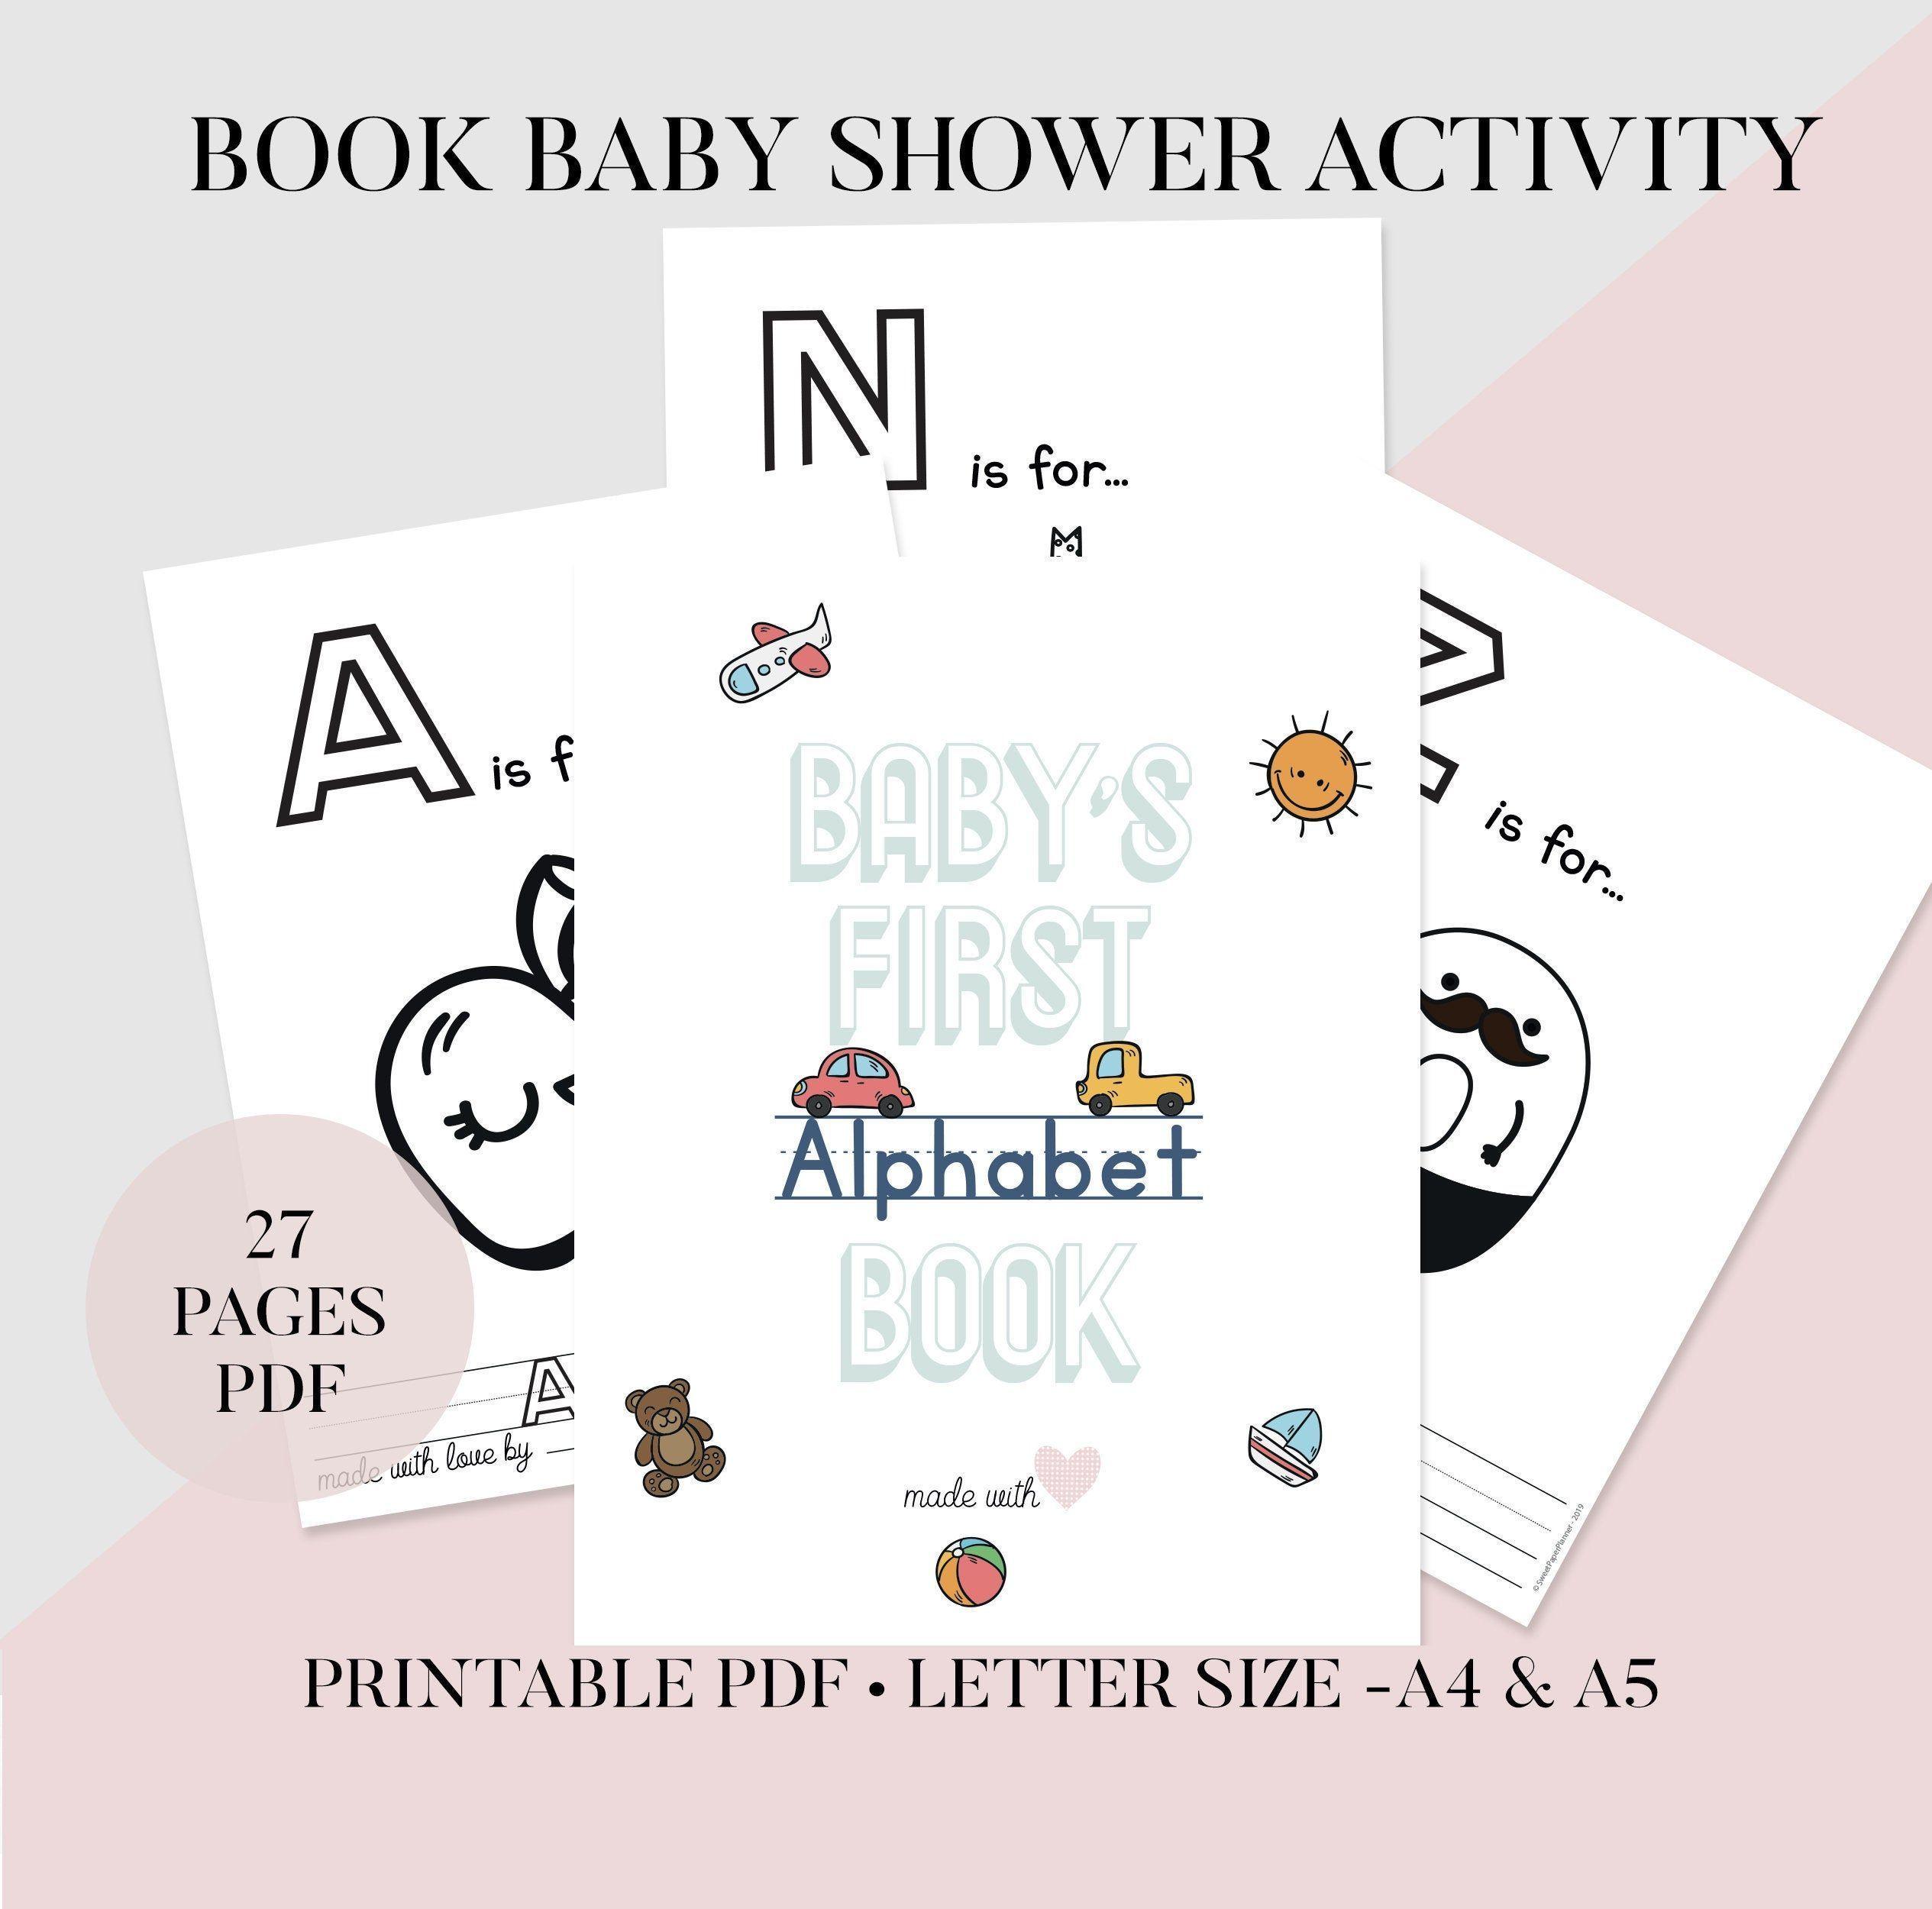 Buch Baby Shower Aktivitat Druckbare Abc Malbuch Alphabet Baby Shower Gam Baby Showering